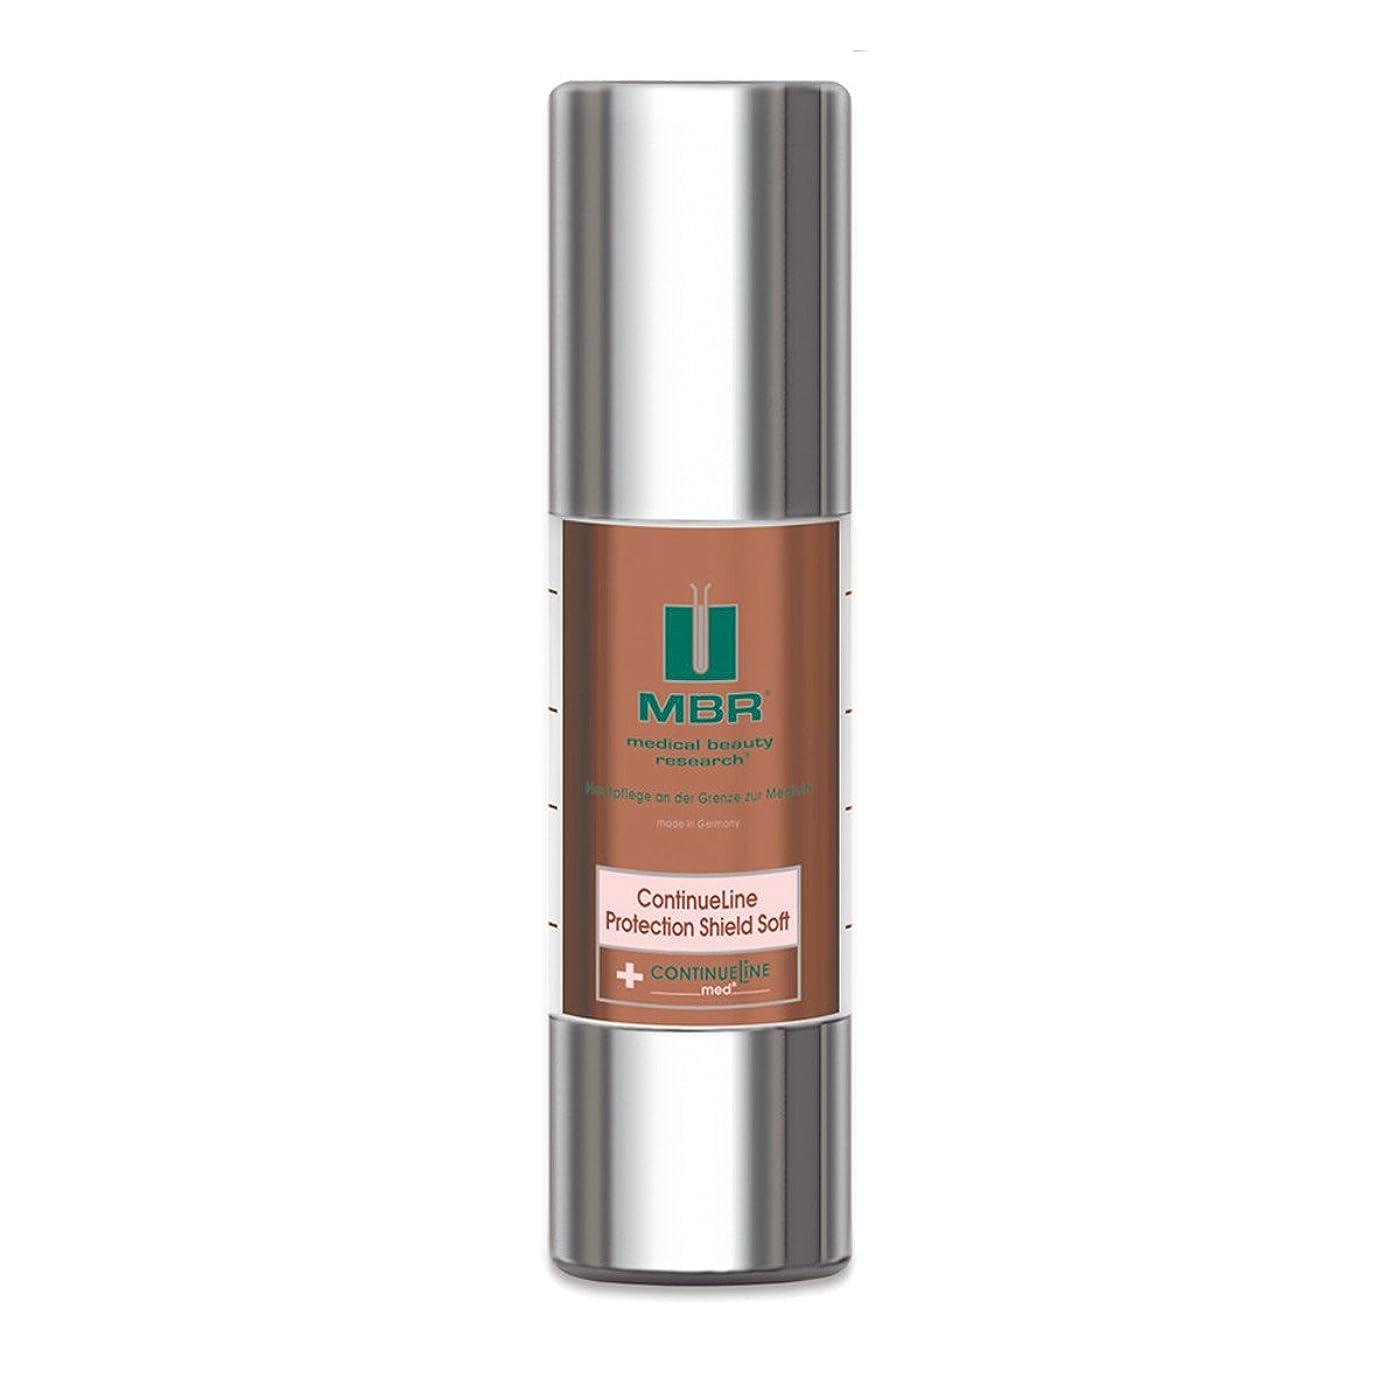 溶岩委託算術MBR Medical Beauty Research ContinueLine Med ContinueLine Protection Shield Soft 50ml/1.7oz並行輸入品